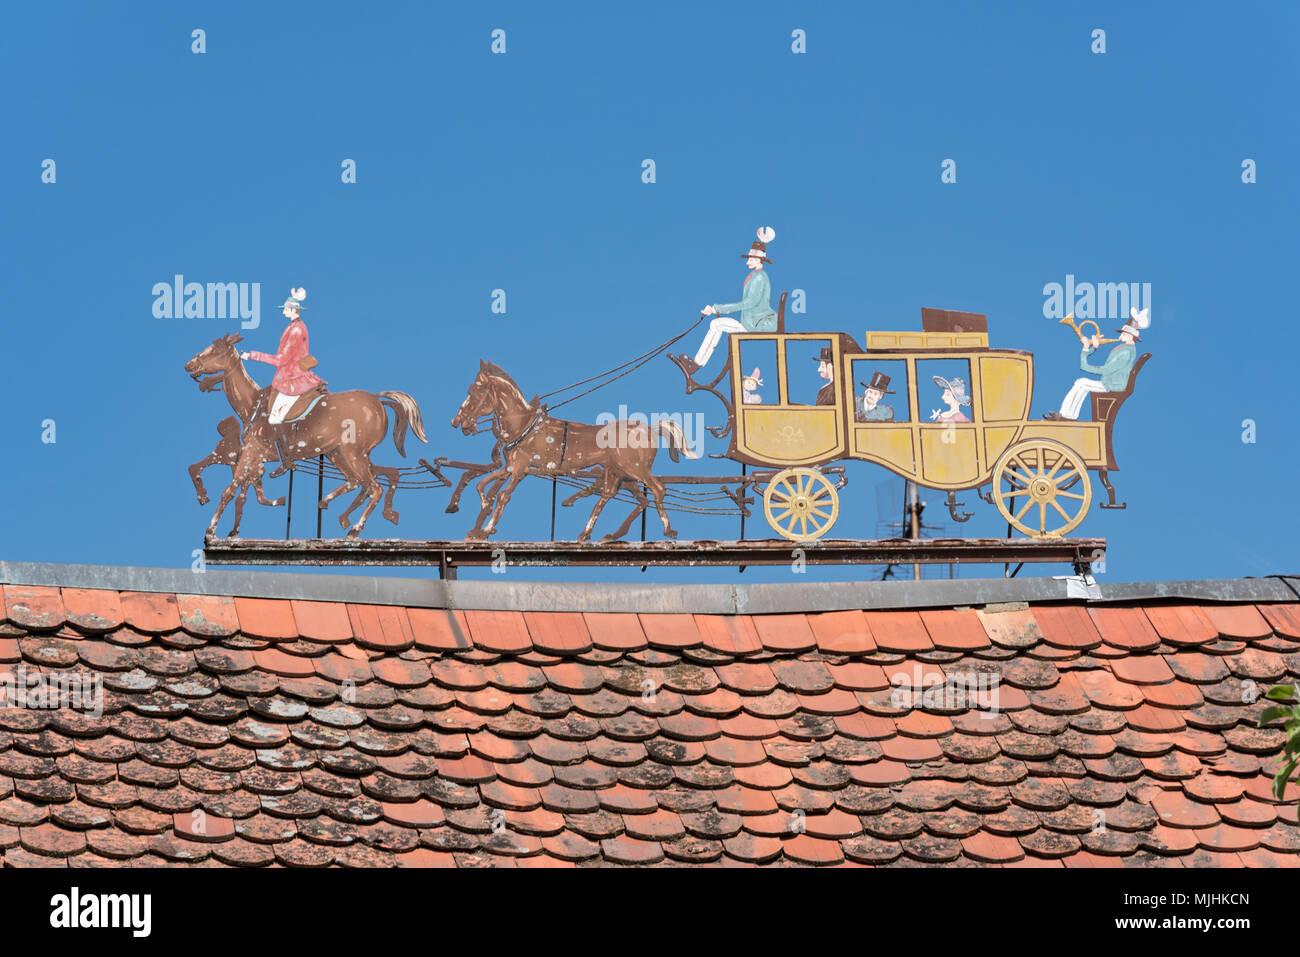 Metall zahlen Stagecoach auf dem Dach eines Immobilien Stockbild